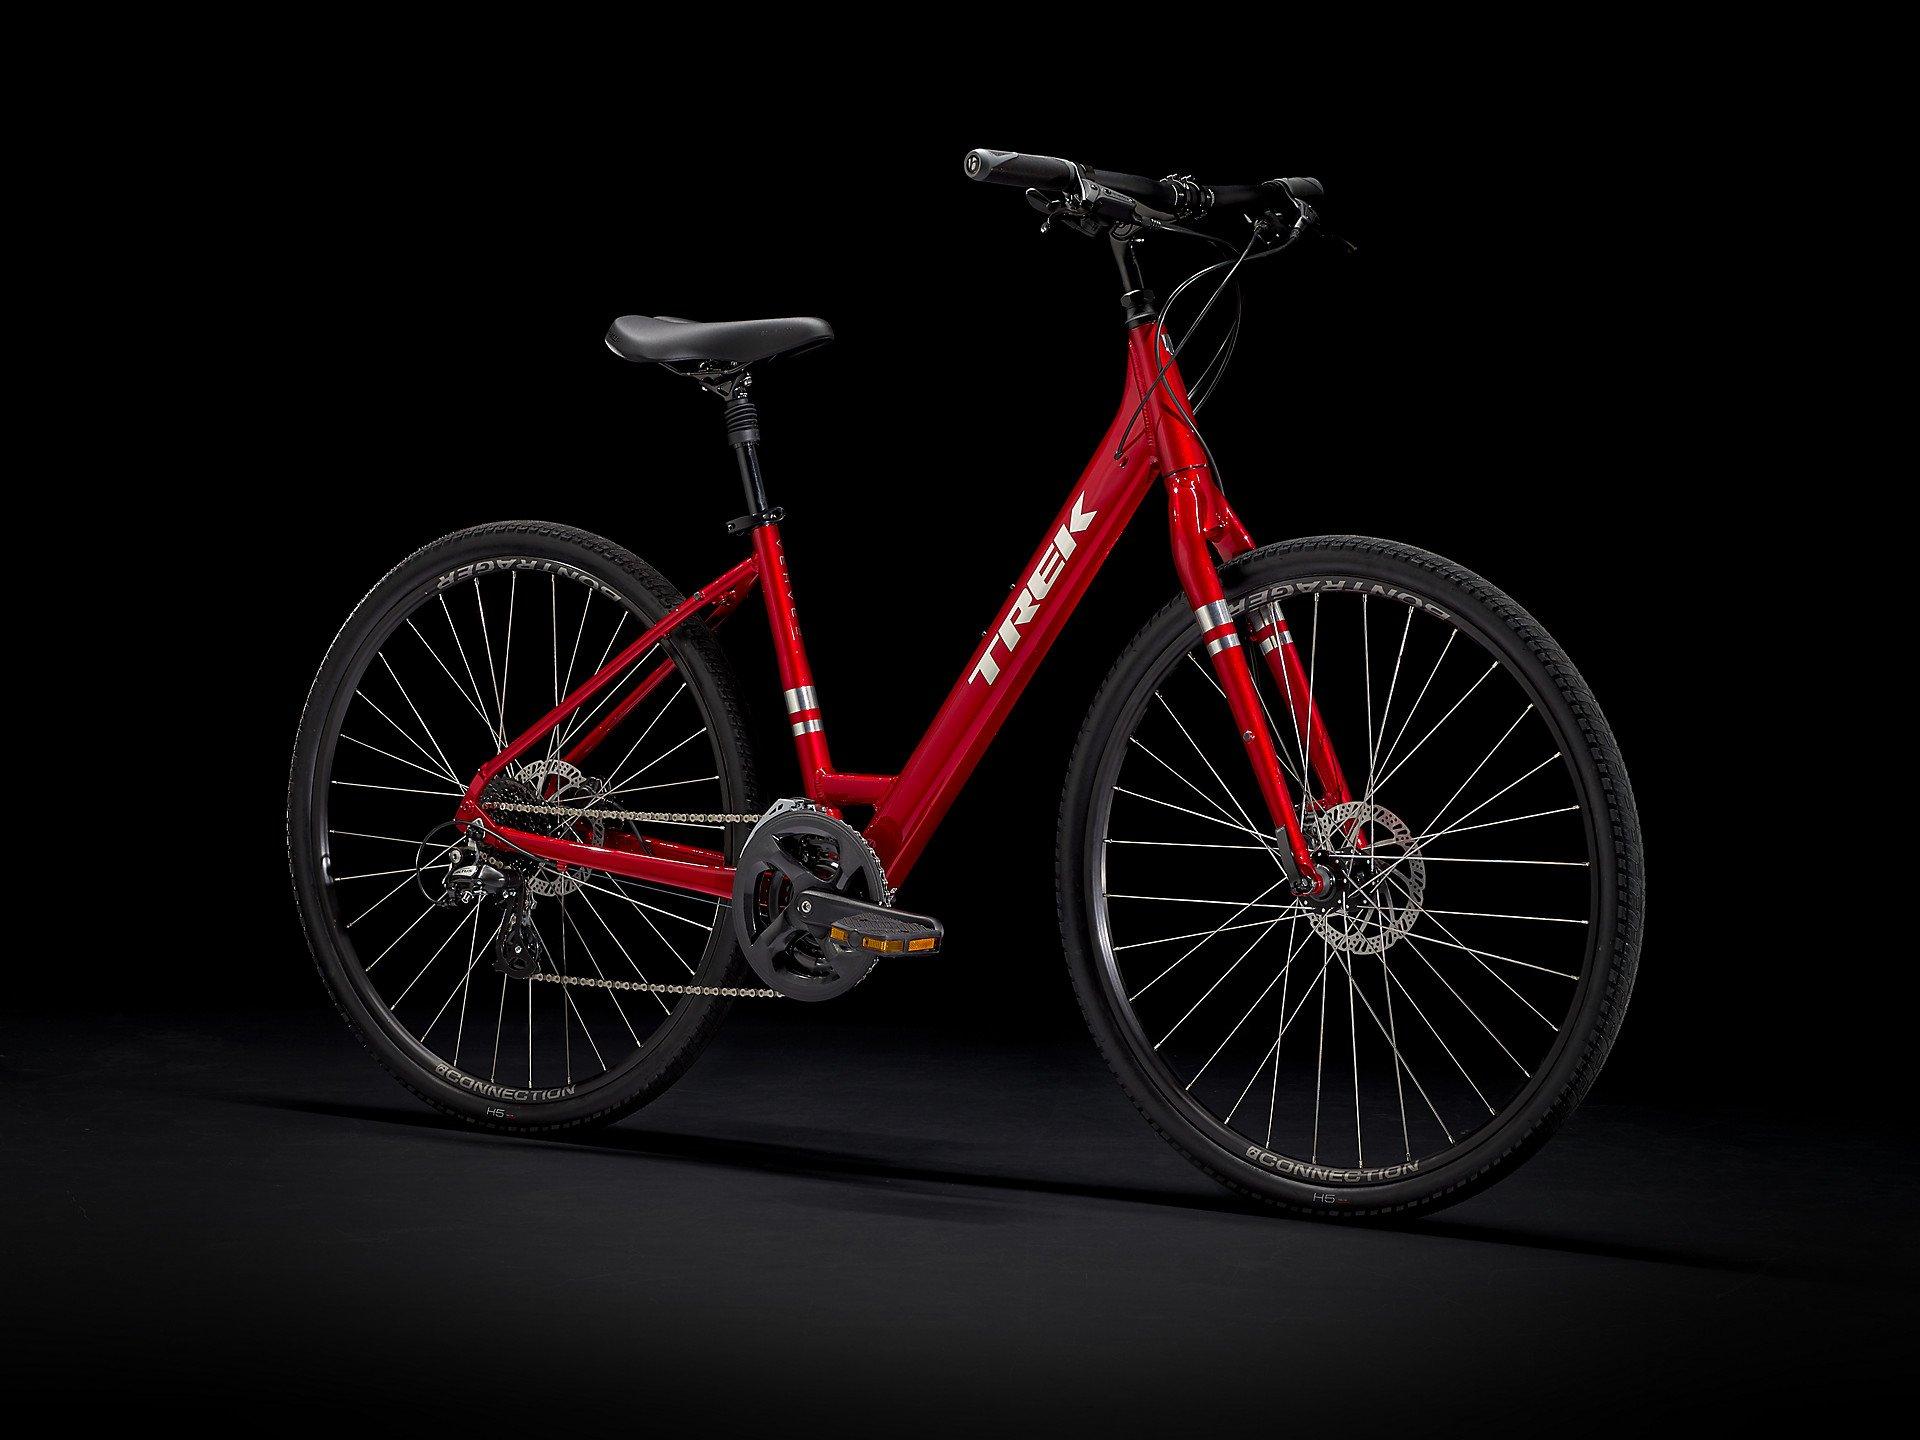 Trek Verve 2 Low-step Bicycle 2021